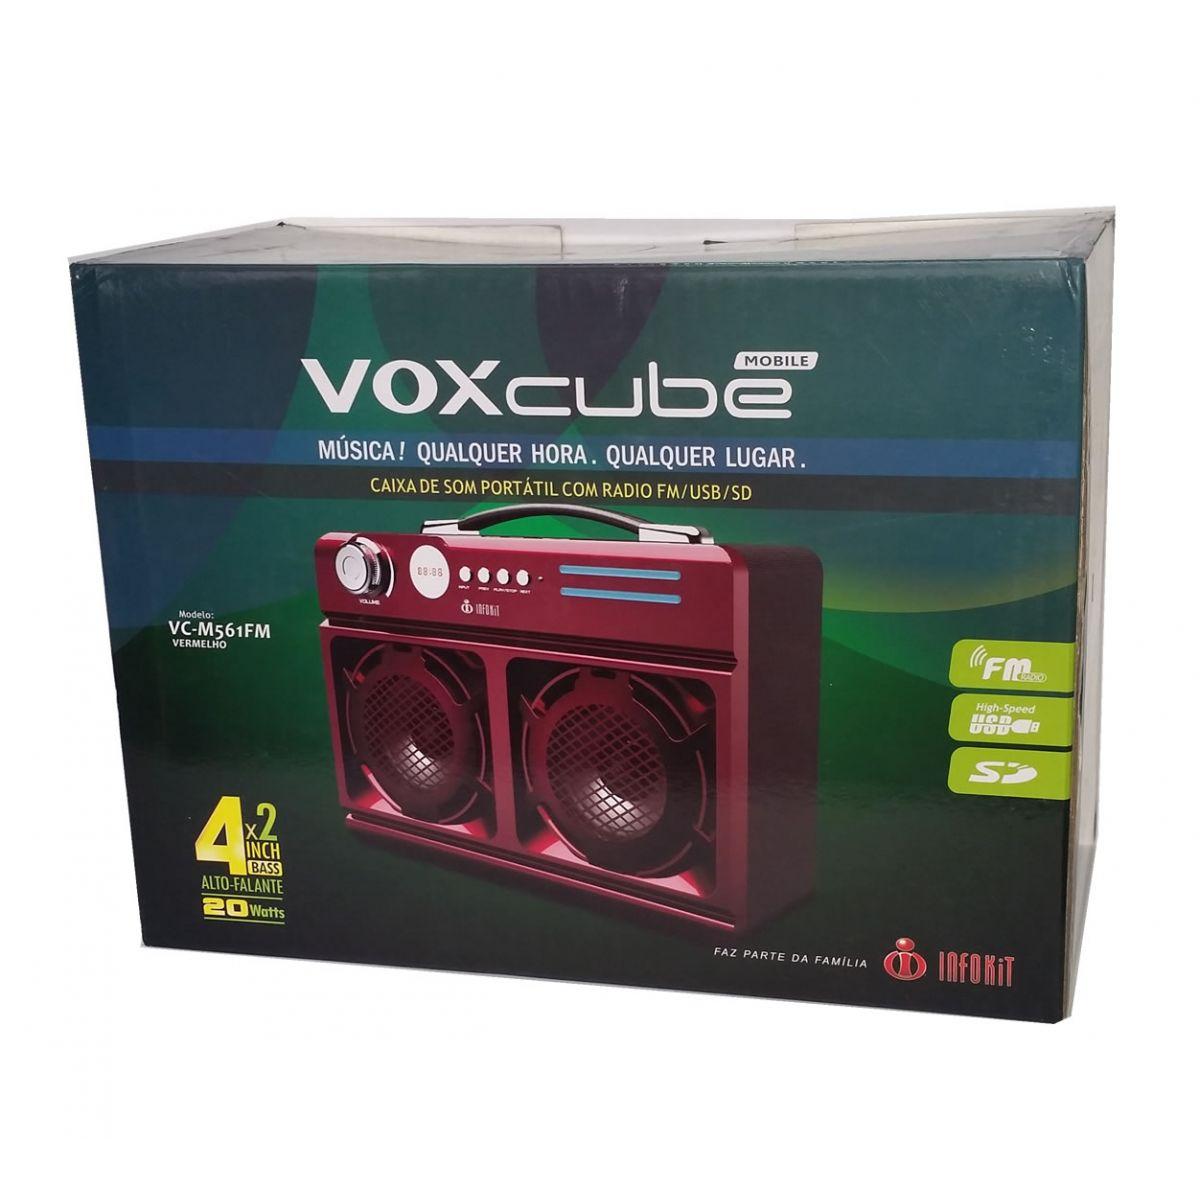 Caixa de Som Mobile VOXcube VC-M561FM Speaker System Radio FM USB Cartão SD